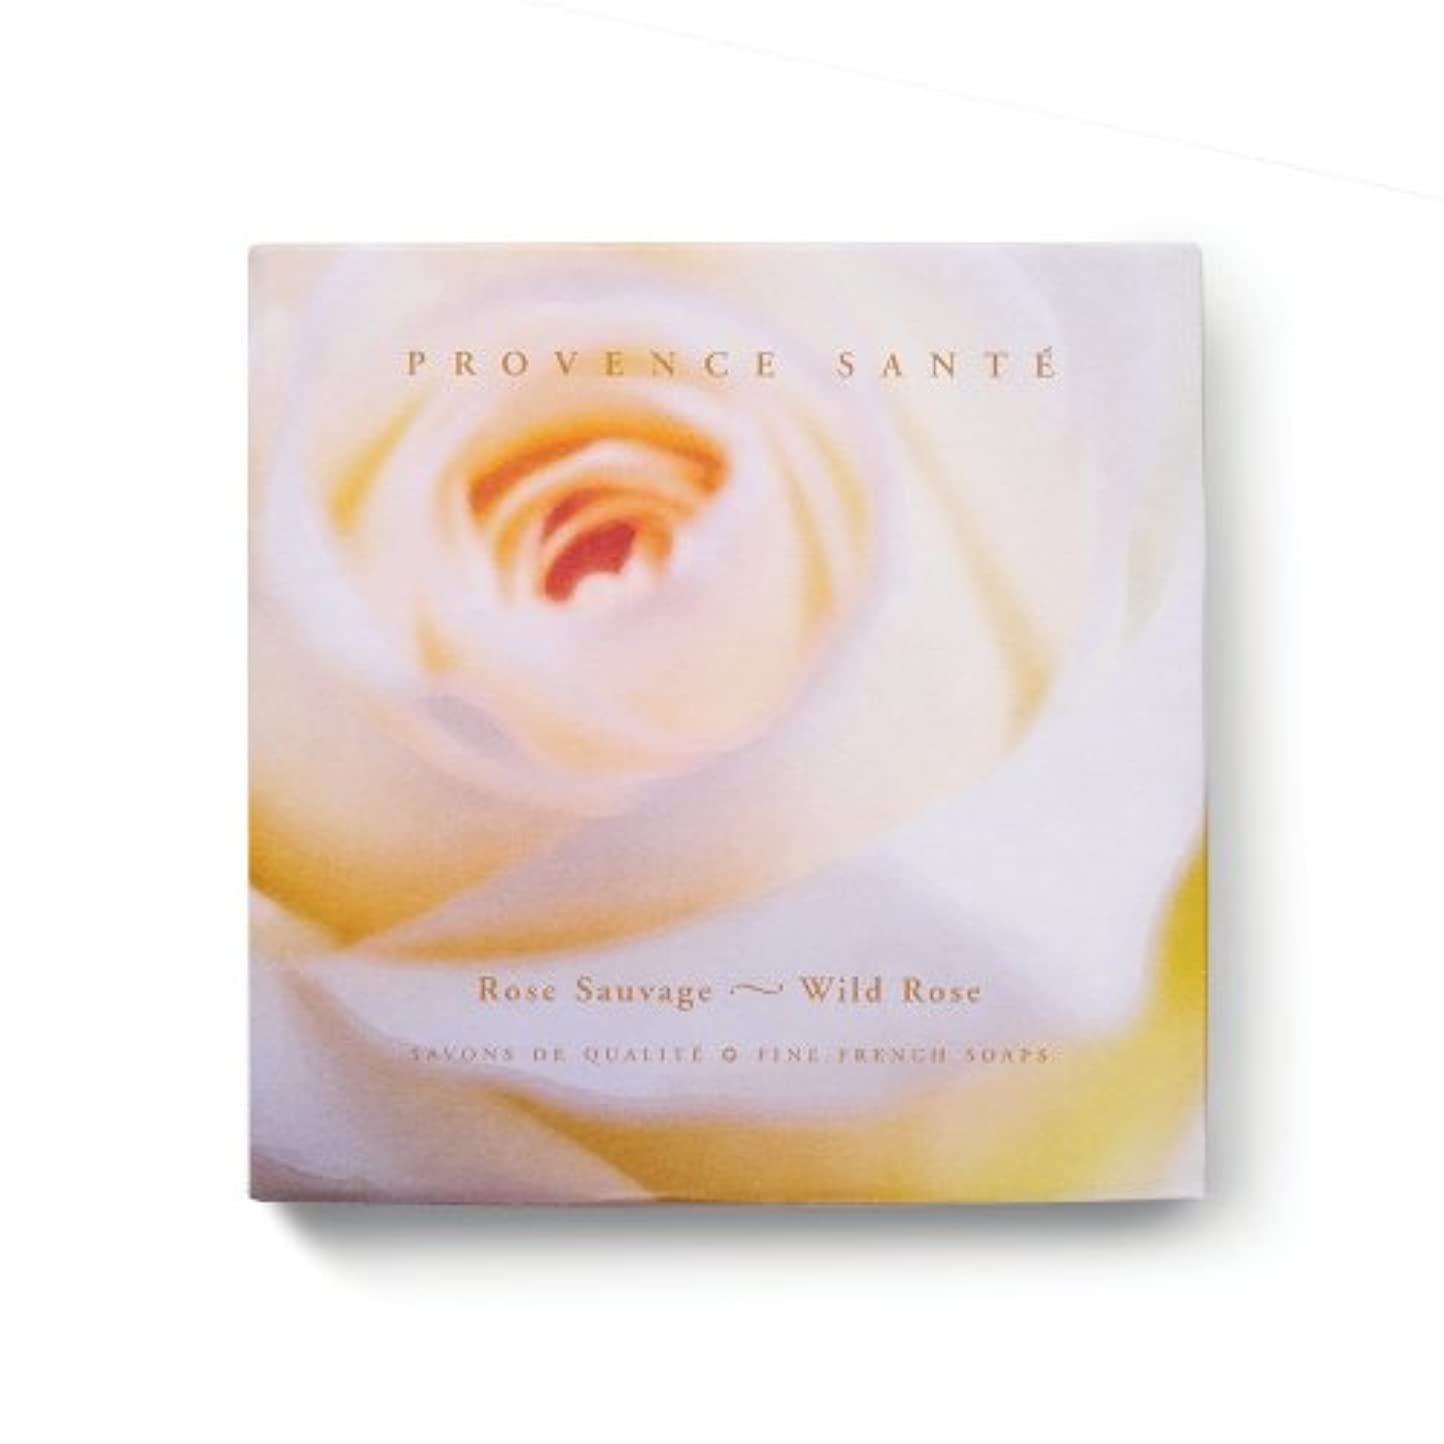 とんでもないある引き付けるProvence Sante PS Gift Soap Wild Rose, 2.7oz 4 Bar Gift Box by Provence Sante [並行輸入品]